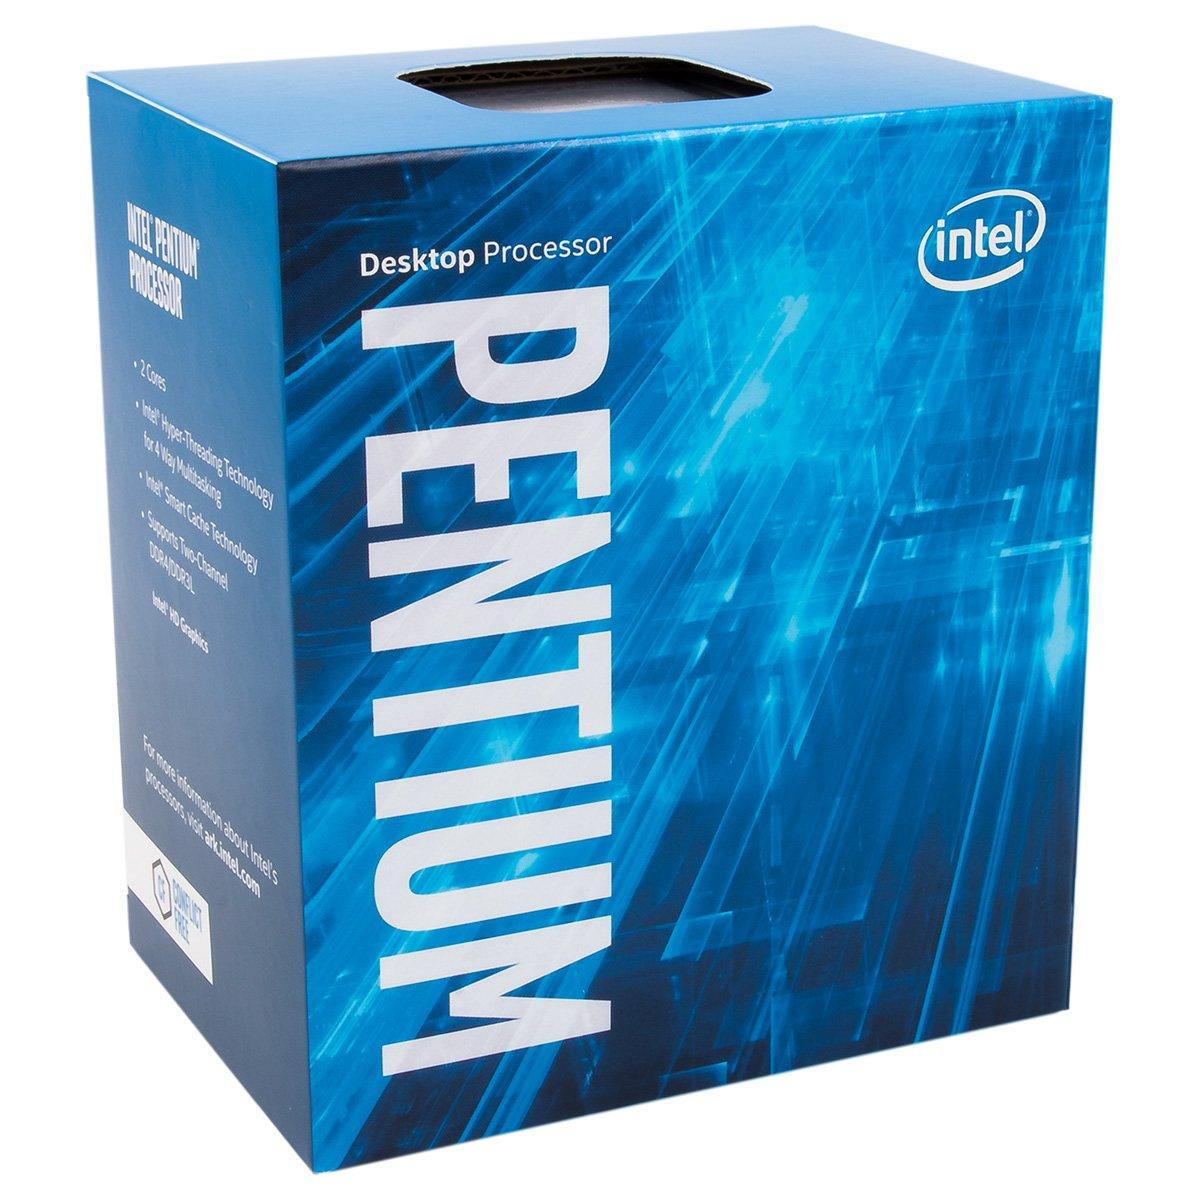 Intel Pentium Dual Core 3.6GHz CPU G4600–nero